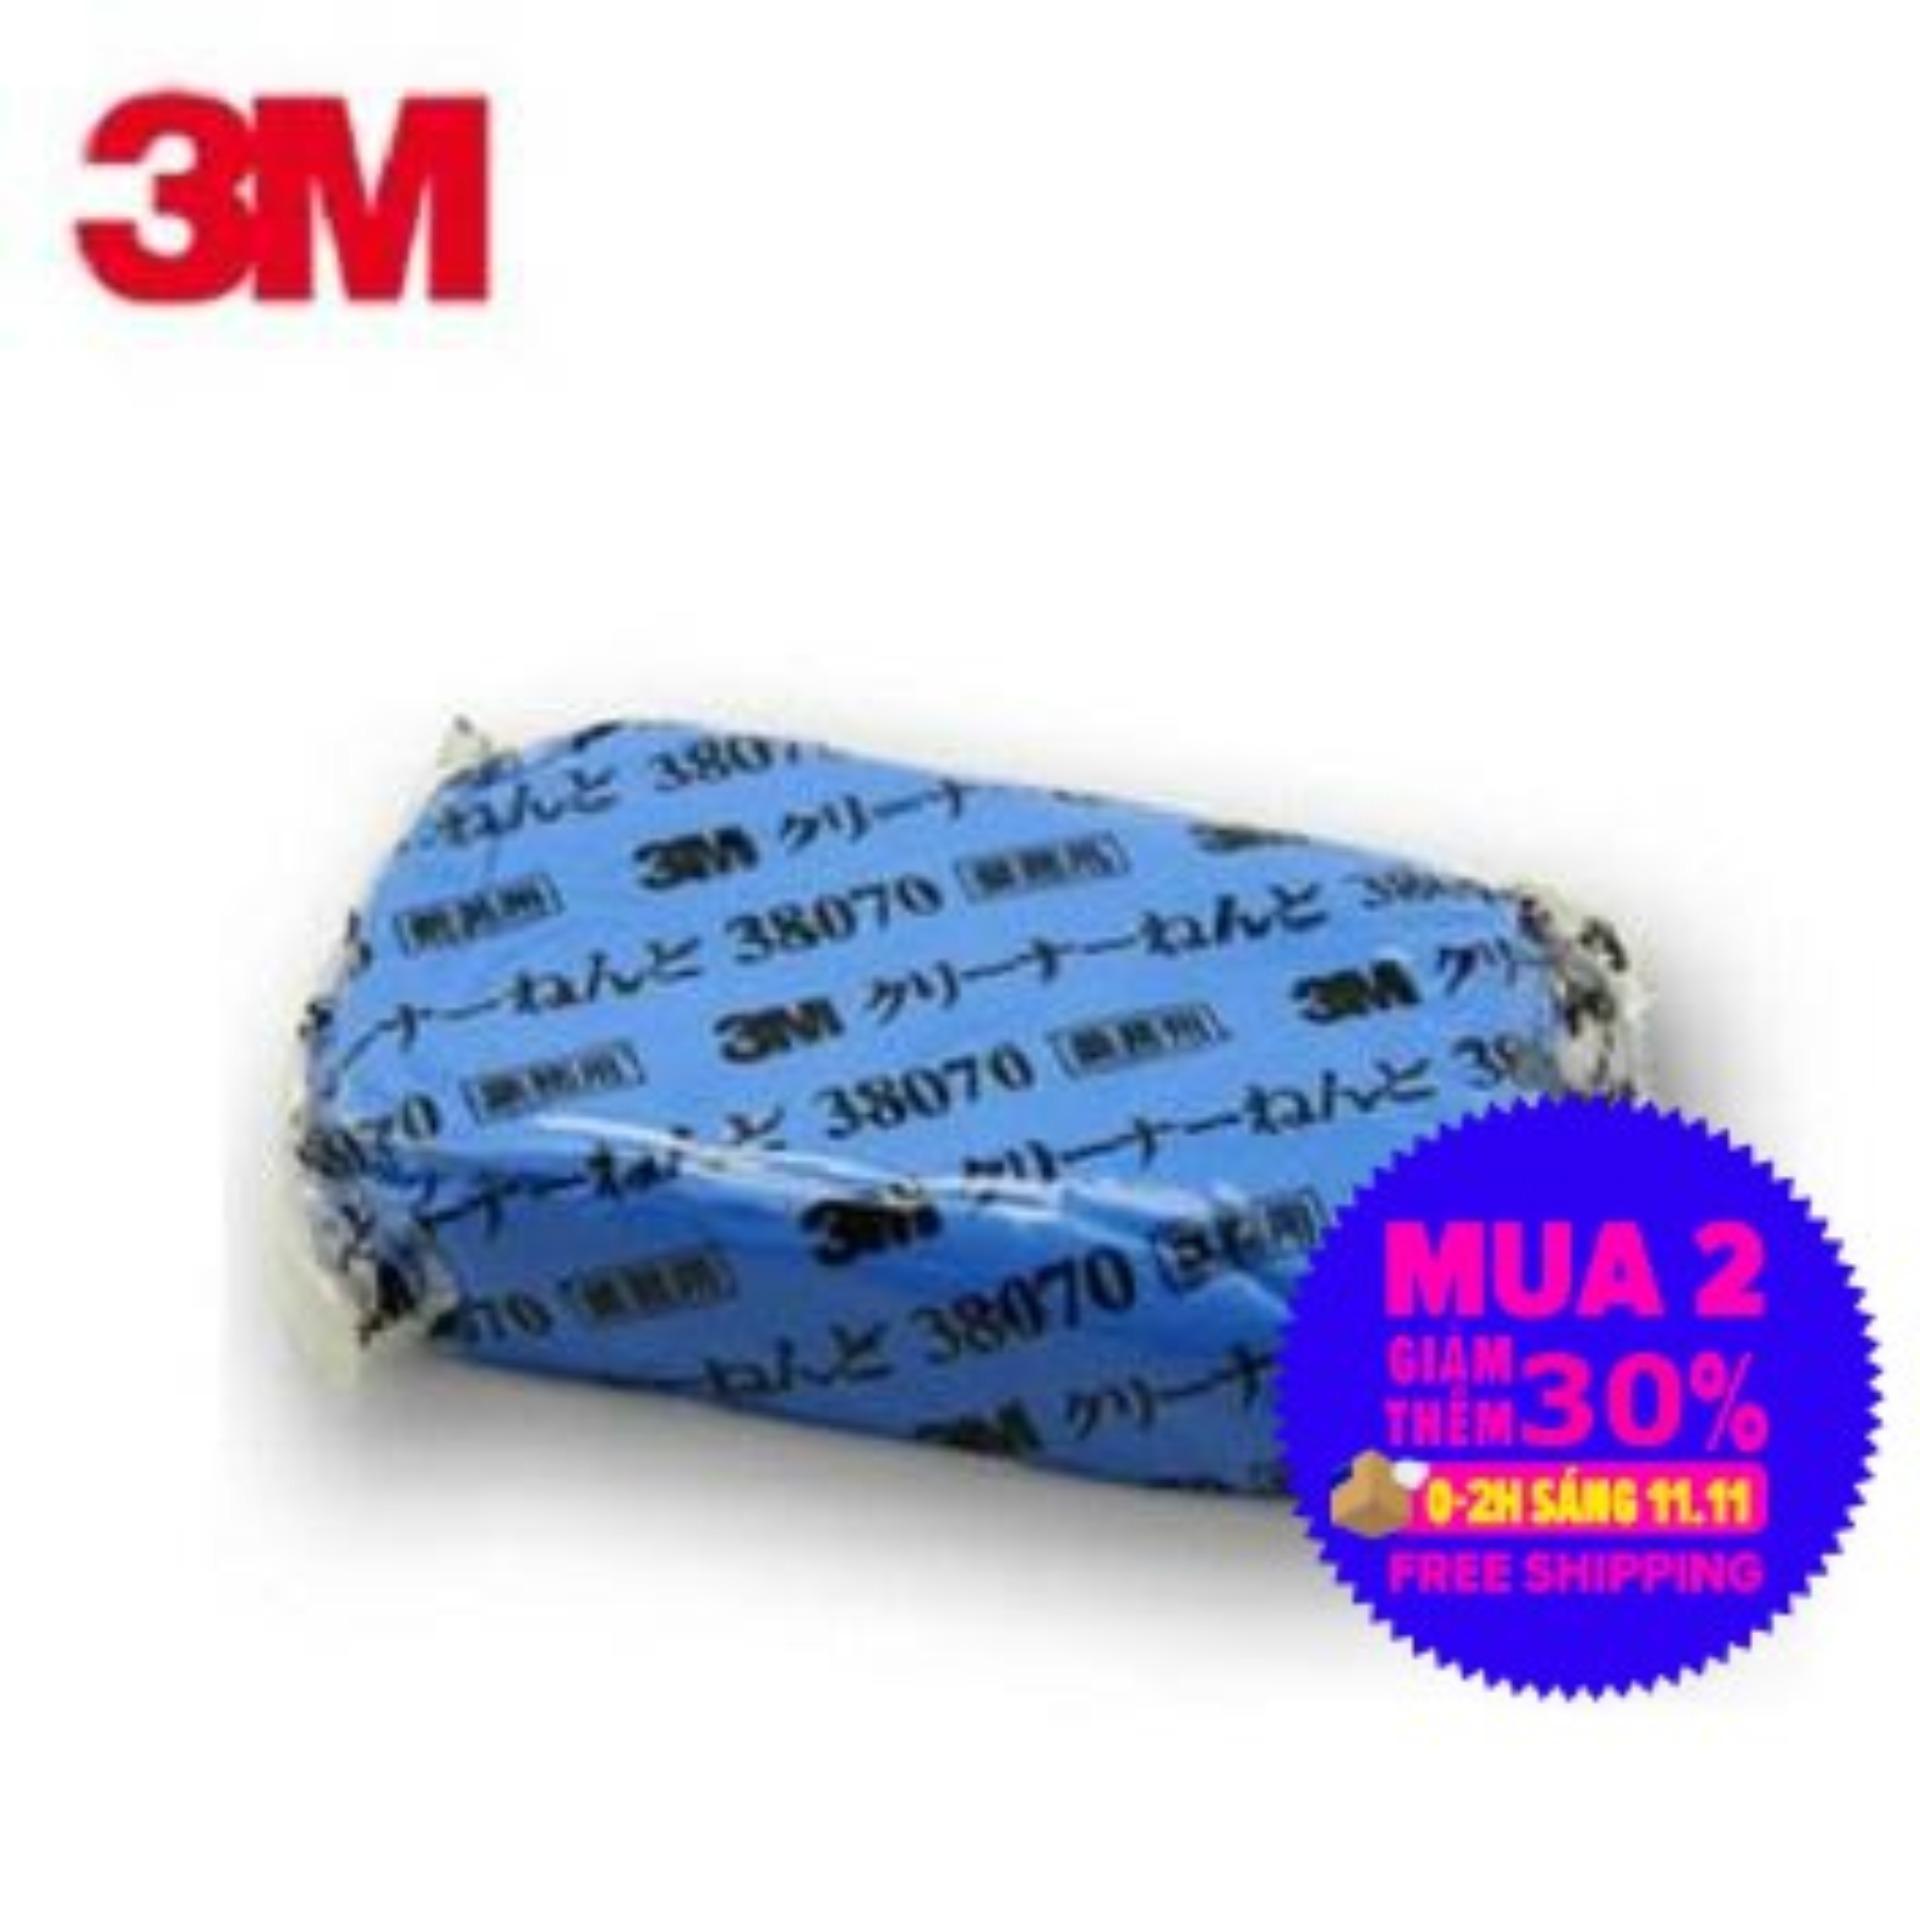 Đất Sét Tẩy Bụi Sơn ô Tô 3M Perfect It III Cleaner Clay 38070 (Xanh) Giá Tốt Không Nên Bỏ Qua